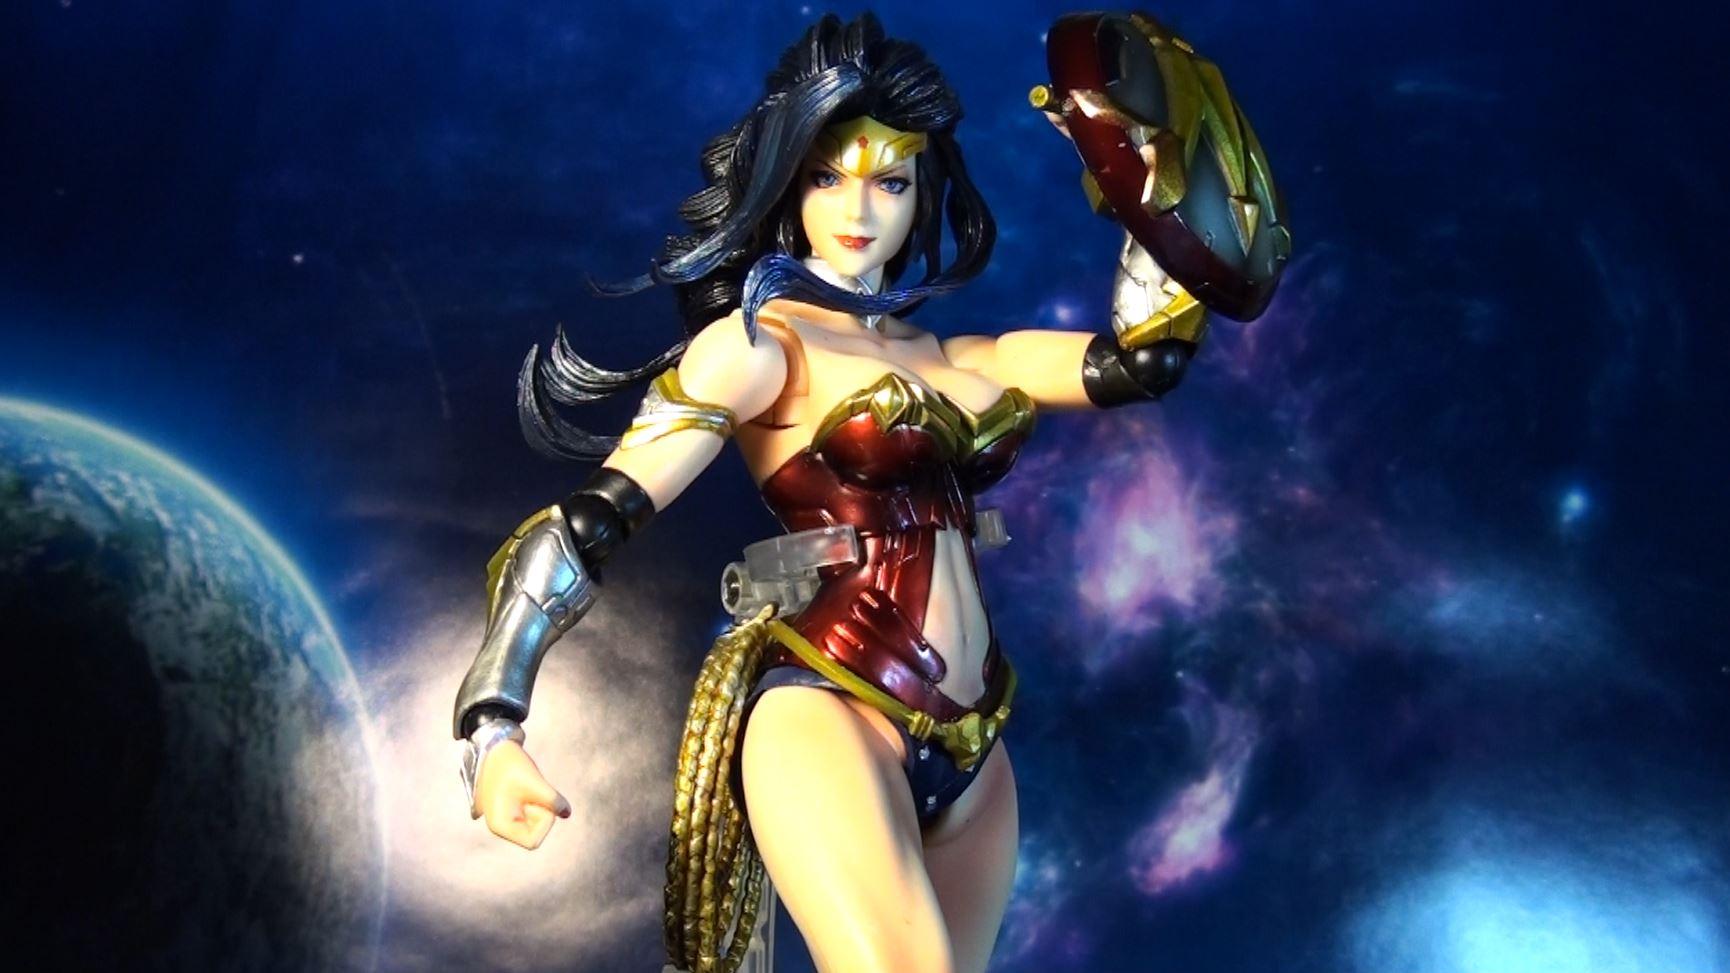 Wonder woman biography dc comics-2027